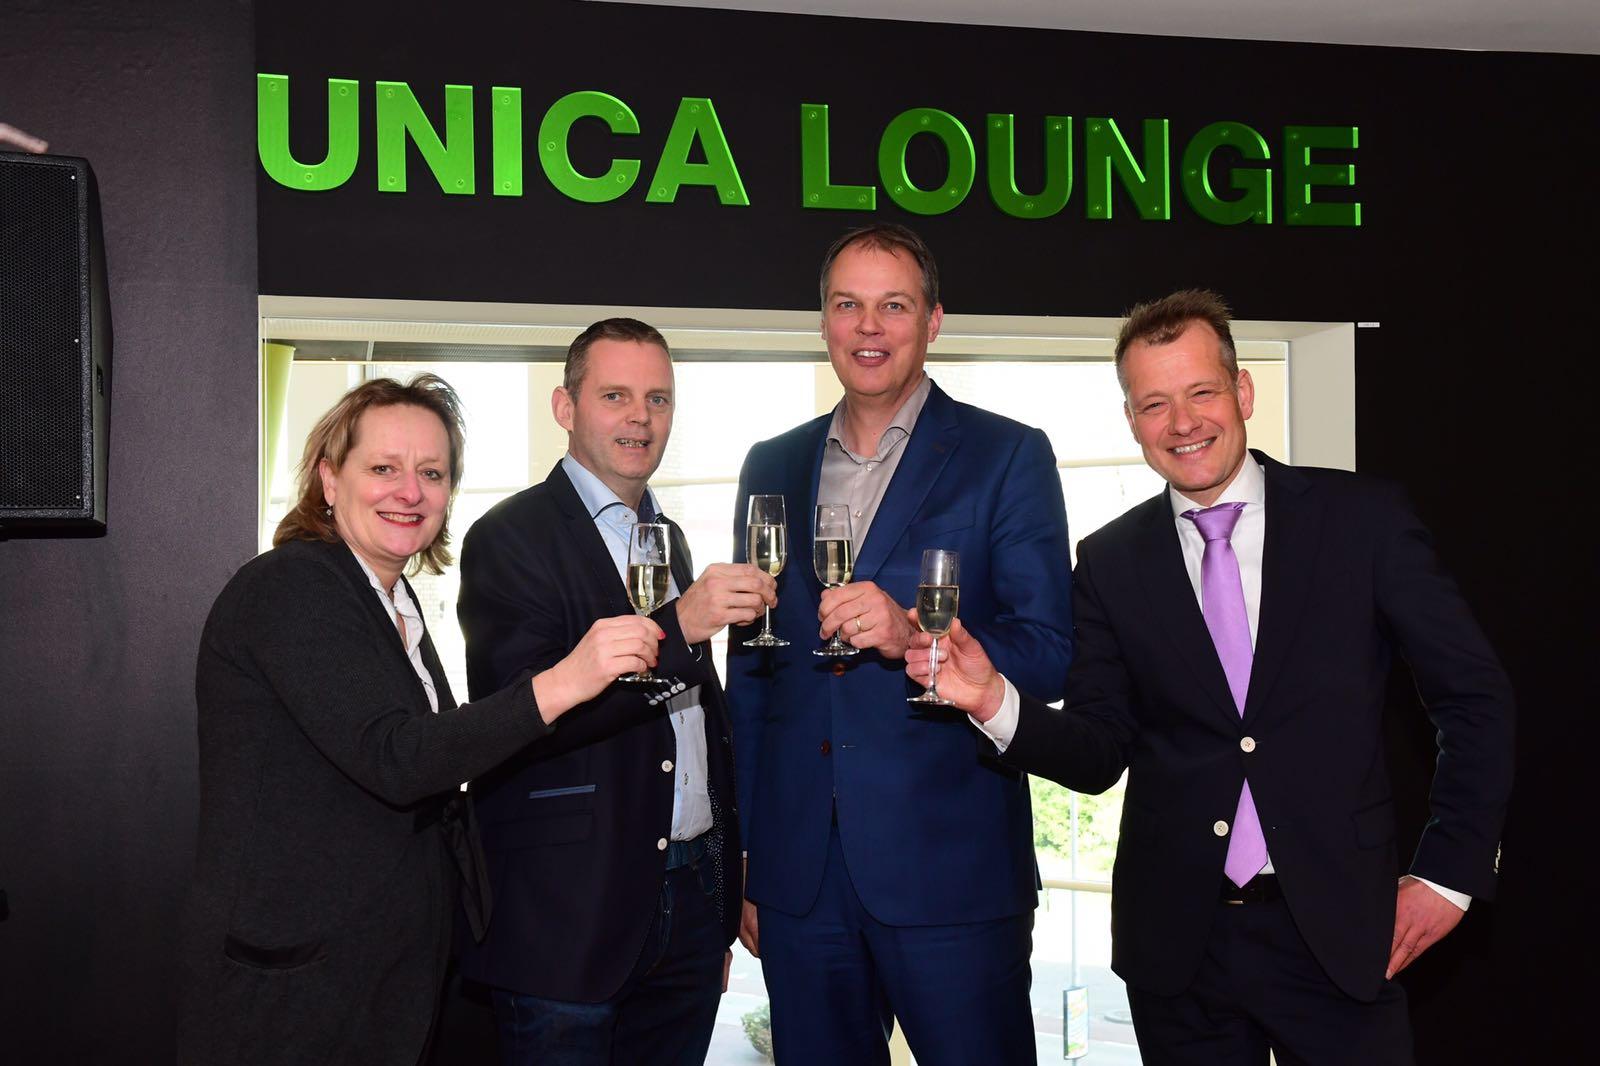 Unica nieuwe sponsor DNK (De Nieuwe Kolk Assen)